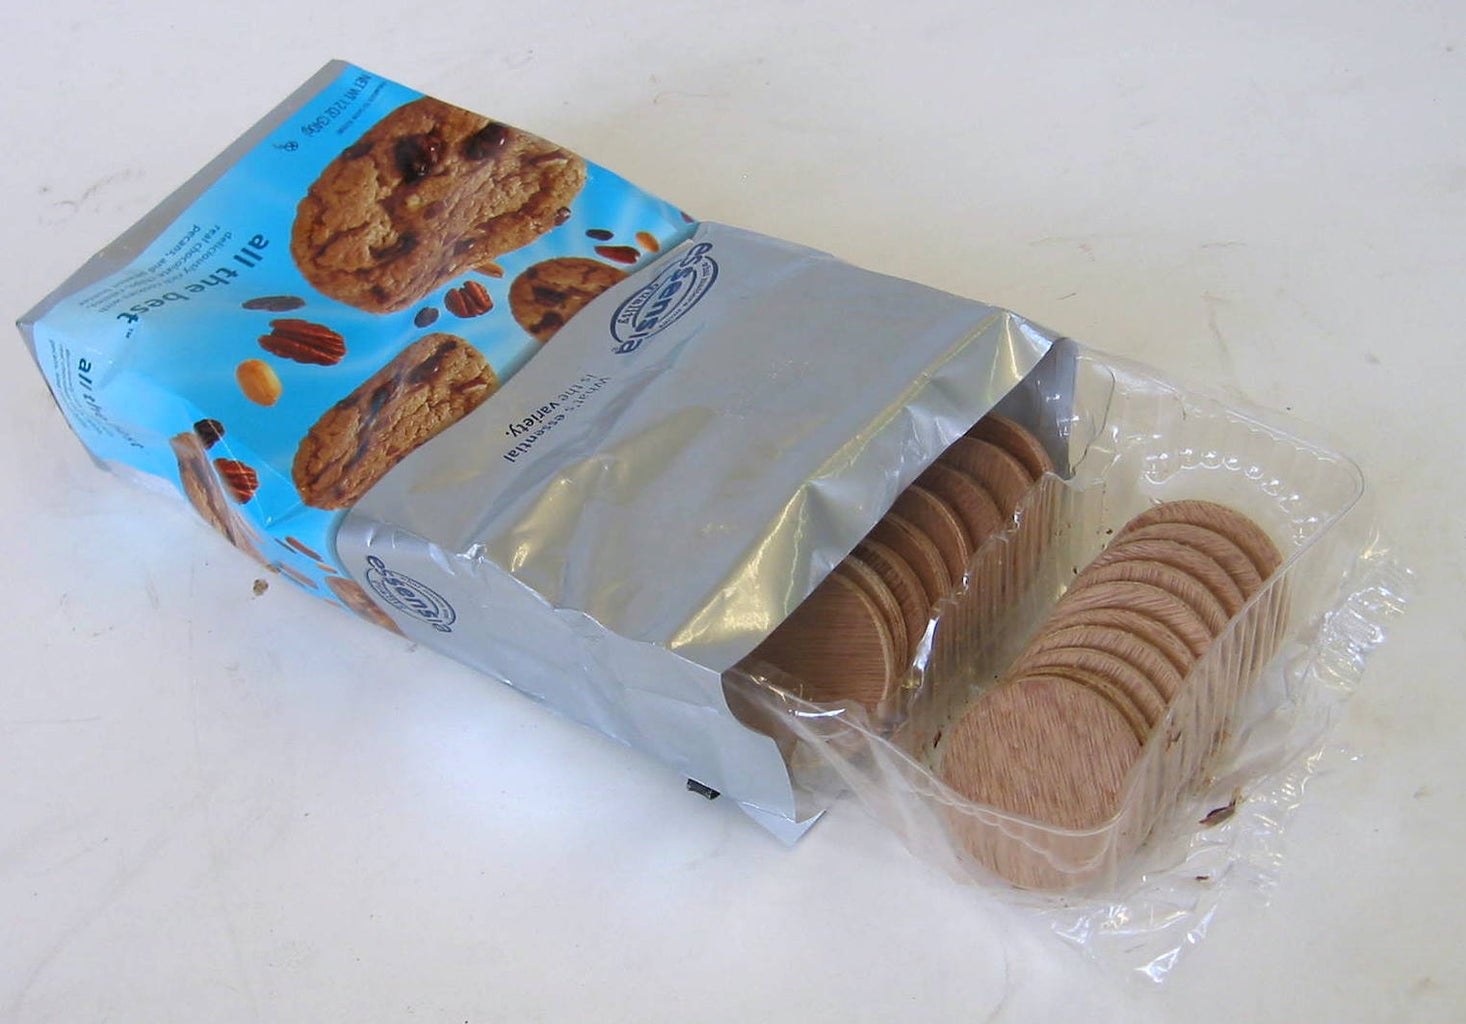 Enjoy Your Wooden Cookies